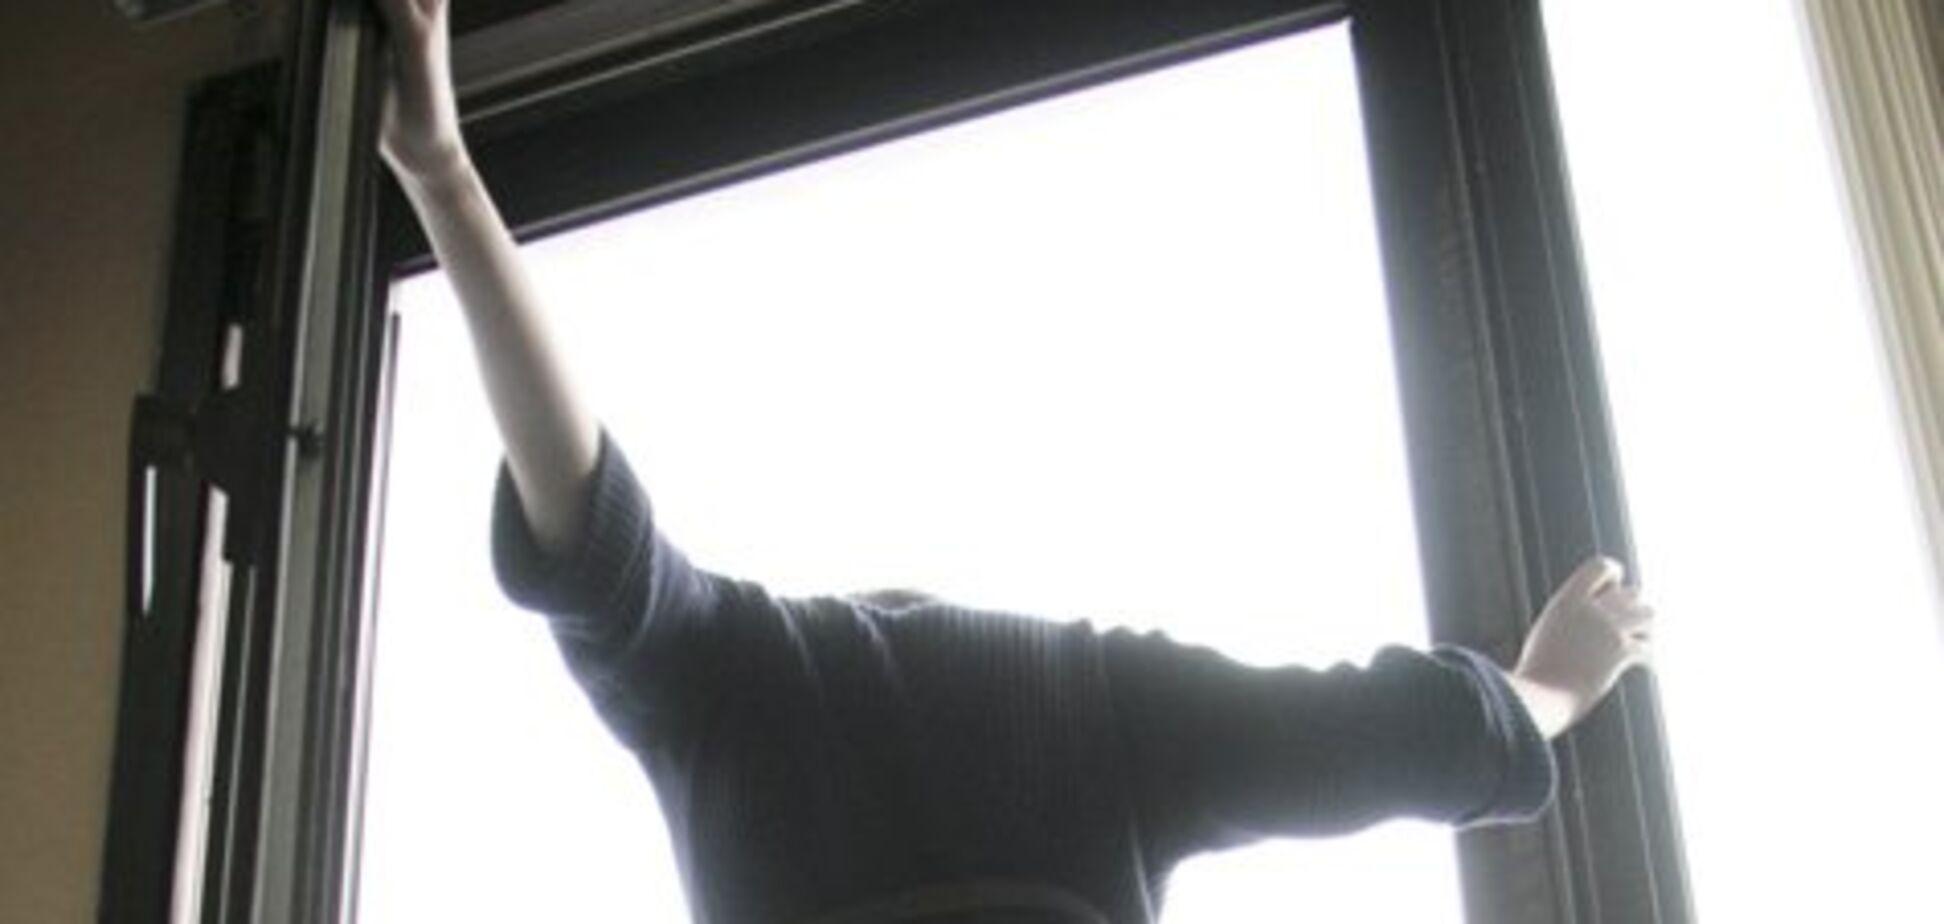 Одесситка покончила с собой, выпрыгнув из окна (иллюстрация)